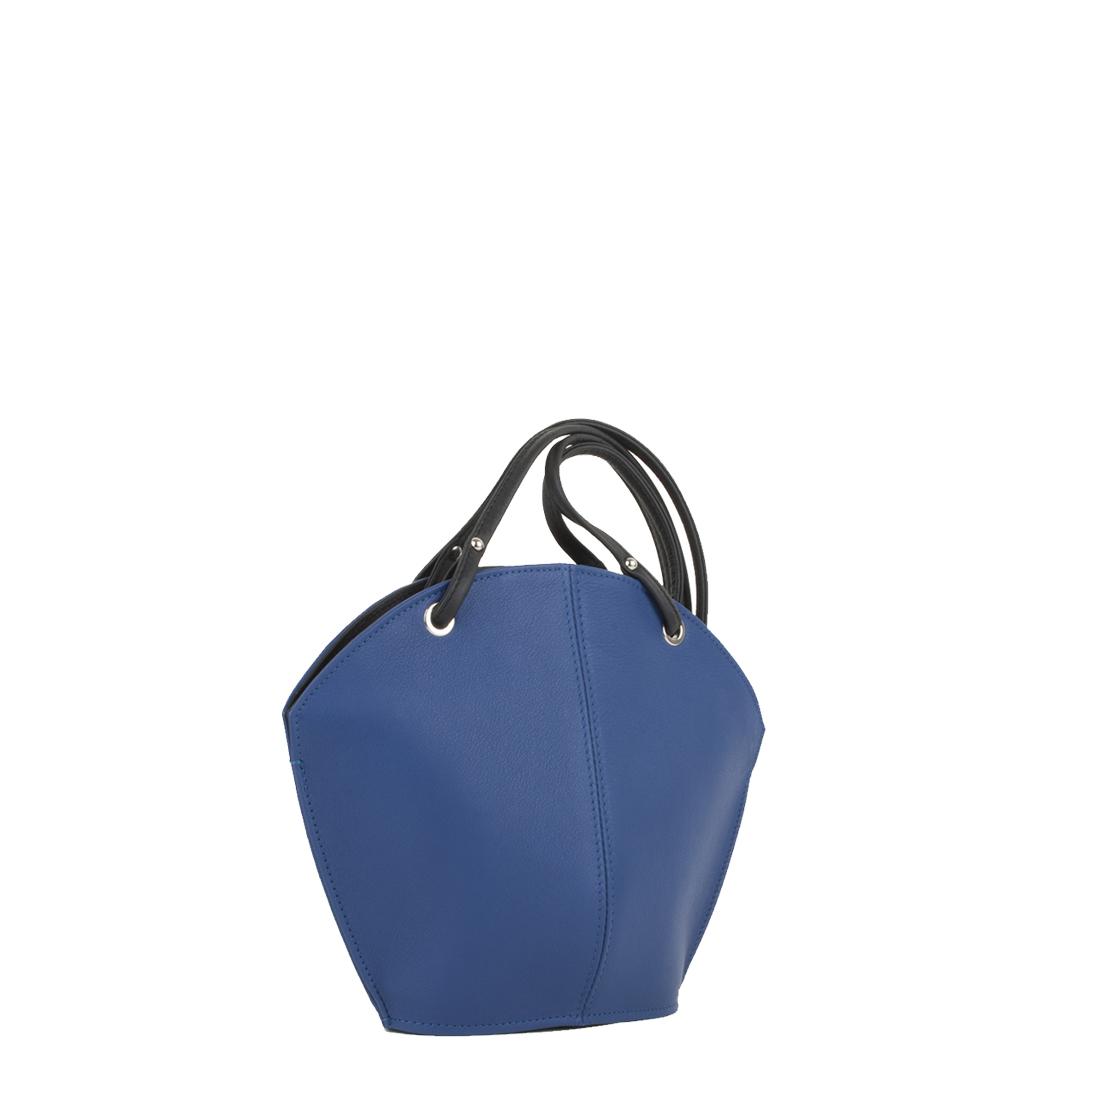 Ava Blue Leather Shoulder Bag